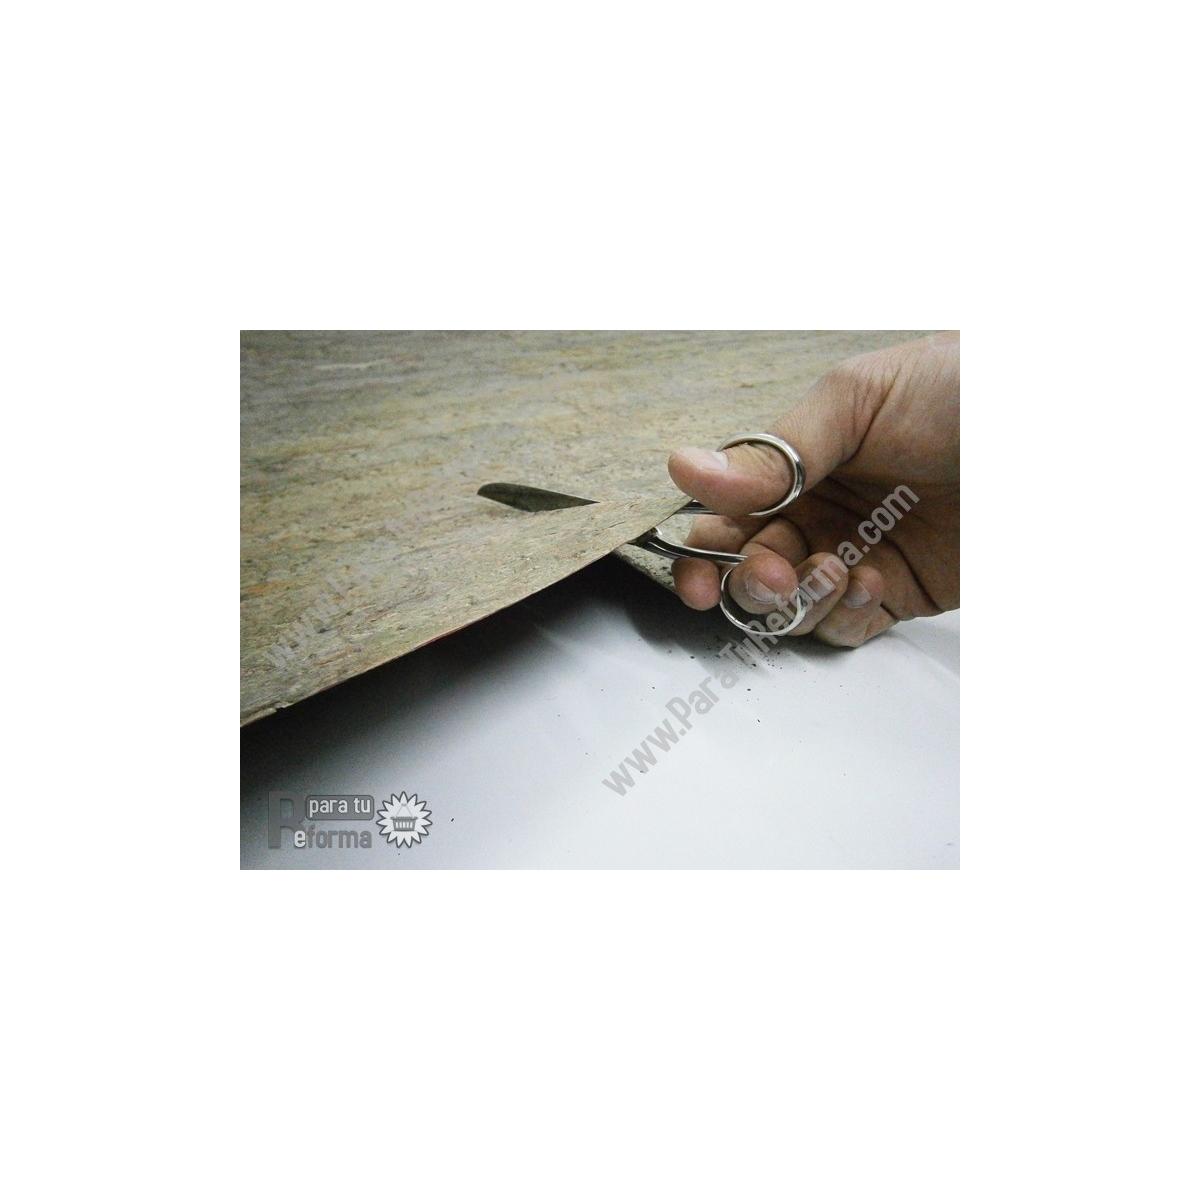 Pizarra natural flexible FS6006 / FT3006 (ud) Revestimiento con Pizarra natural flexible 0